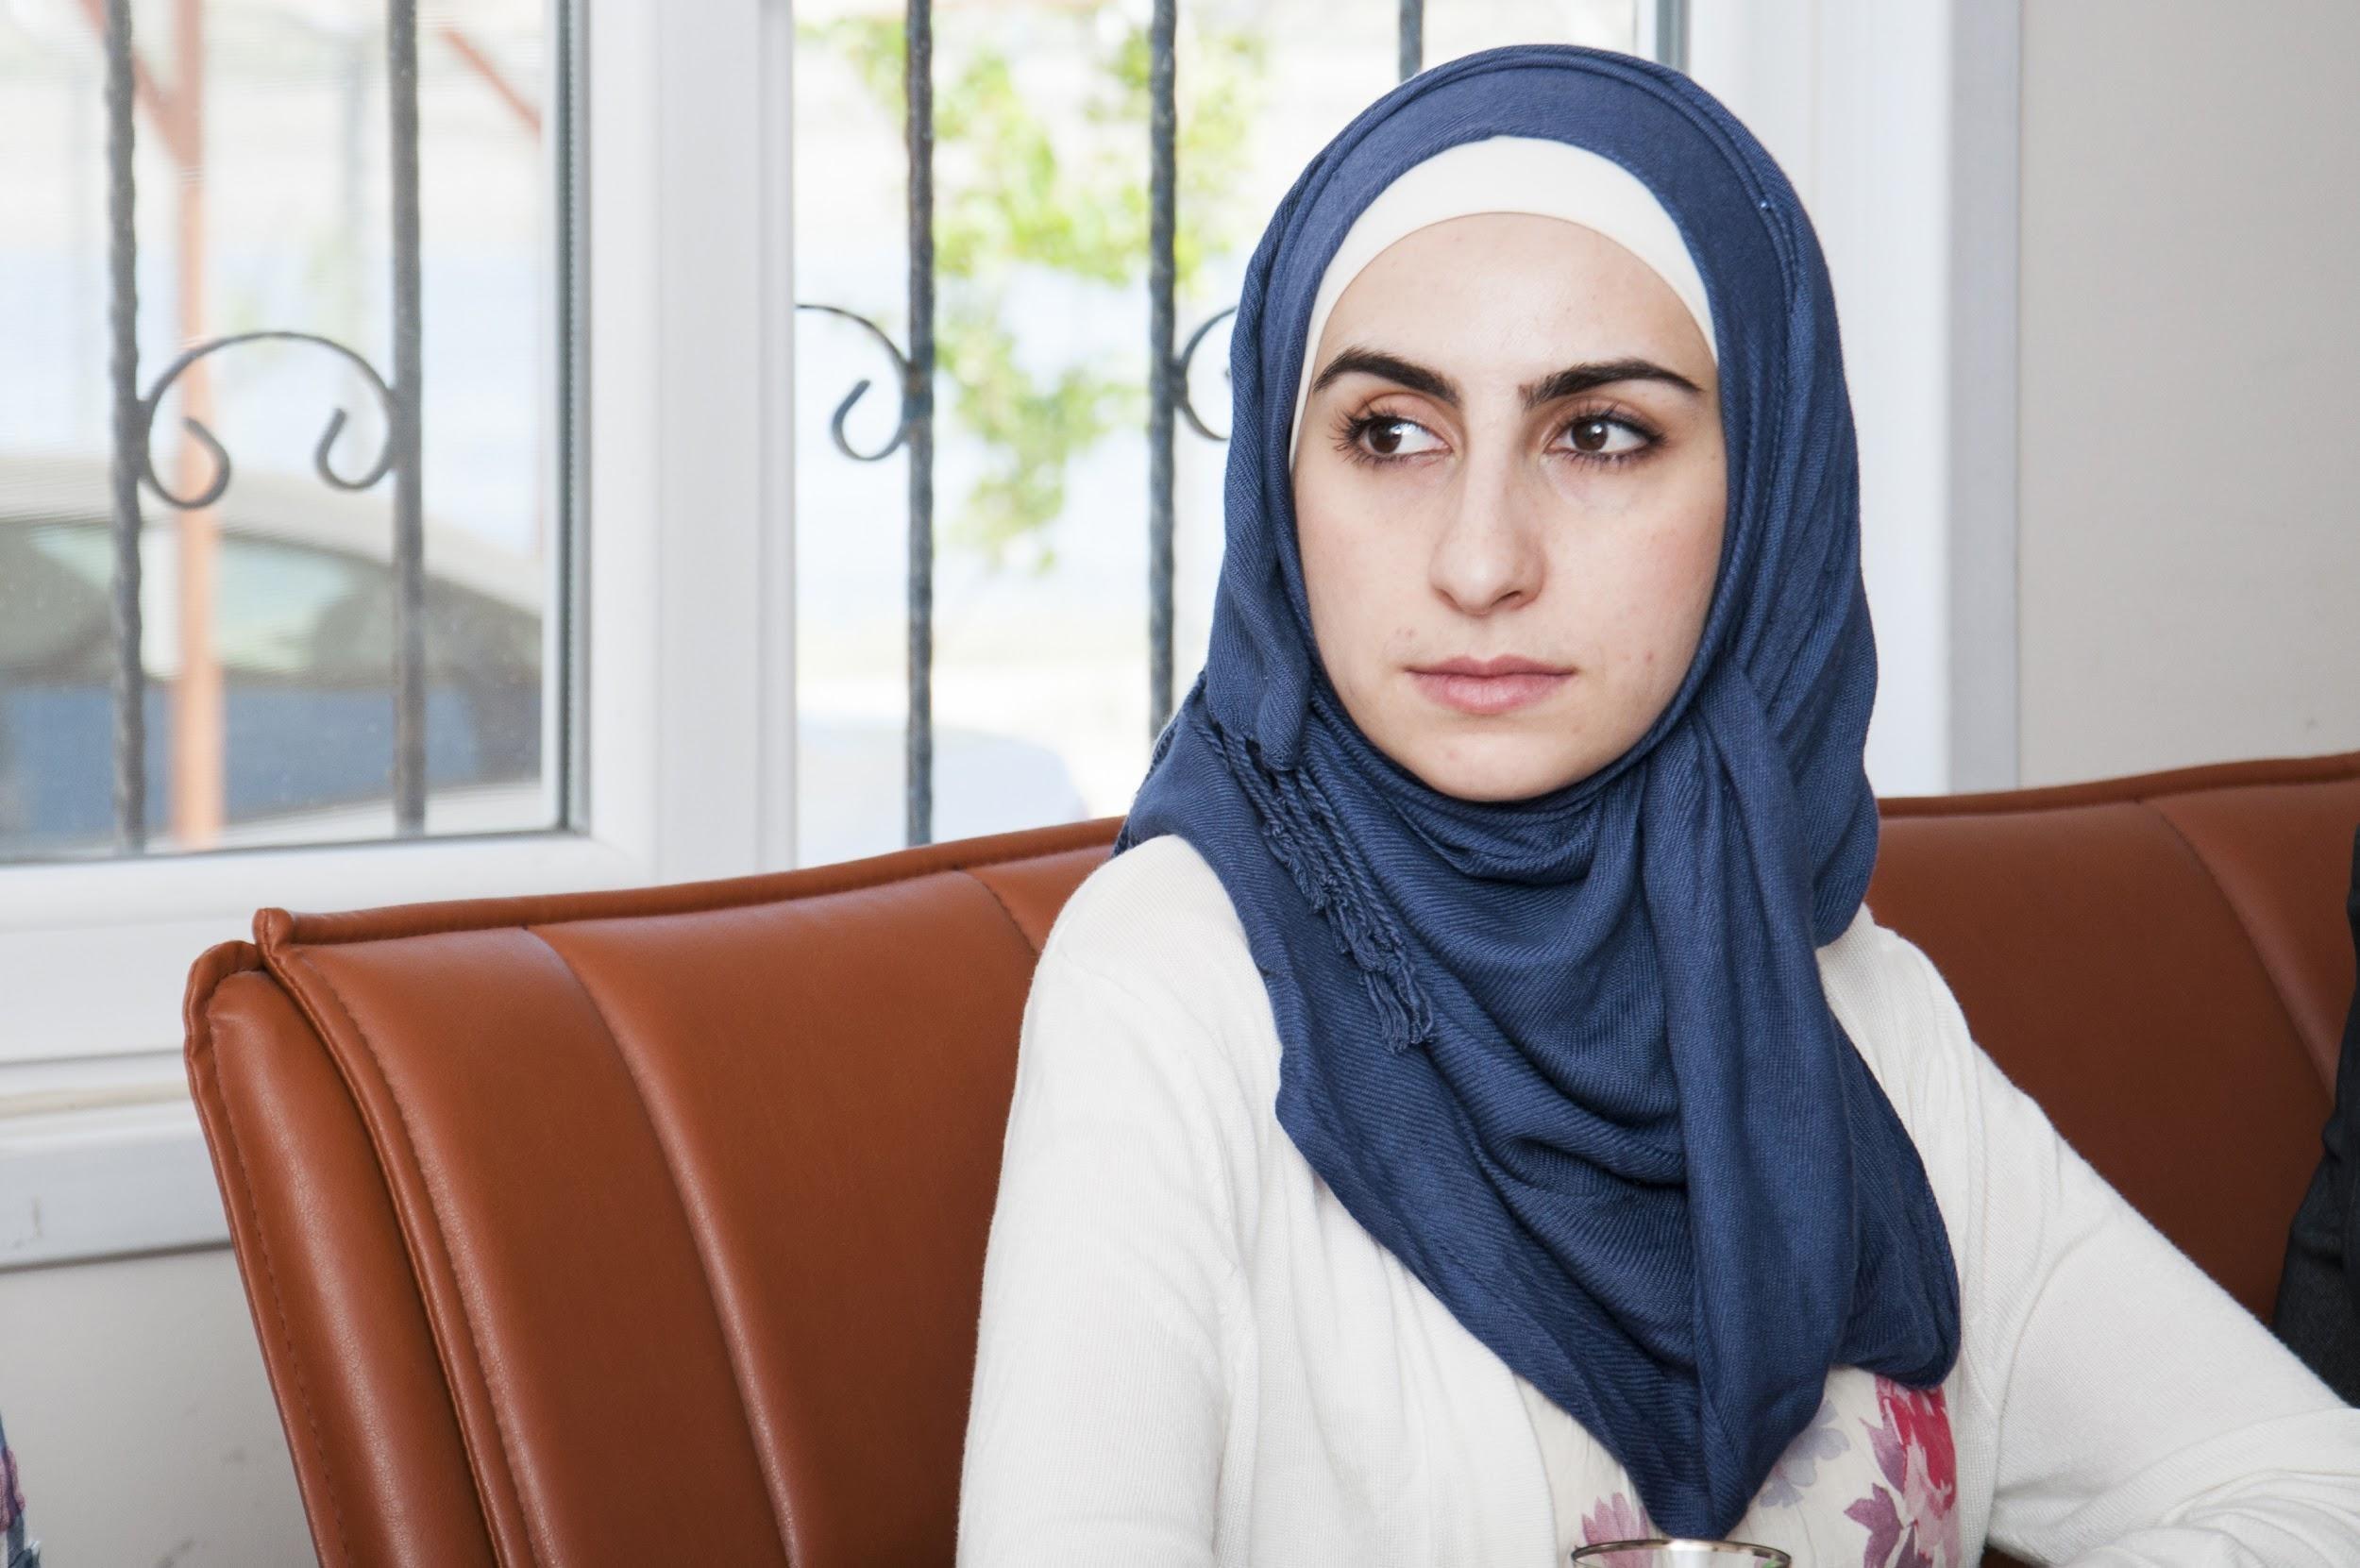 Noura Al-Ameer